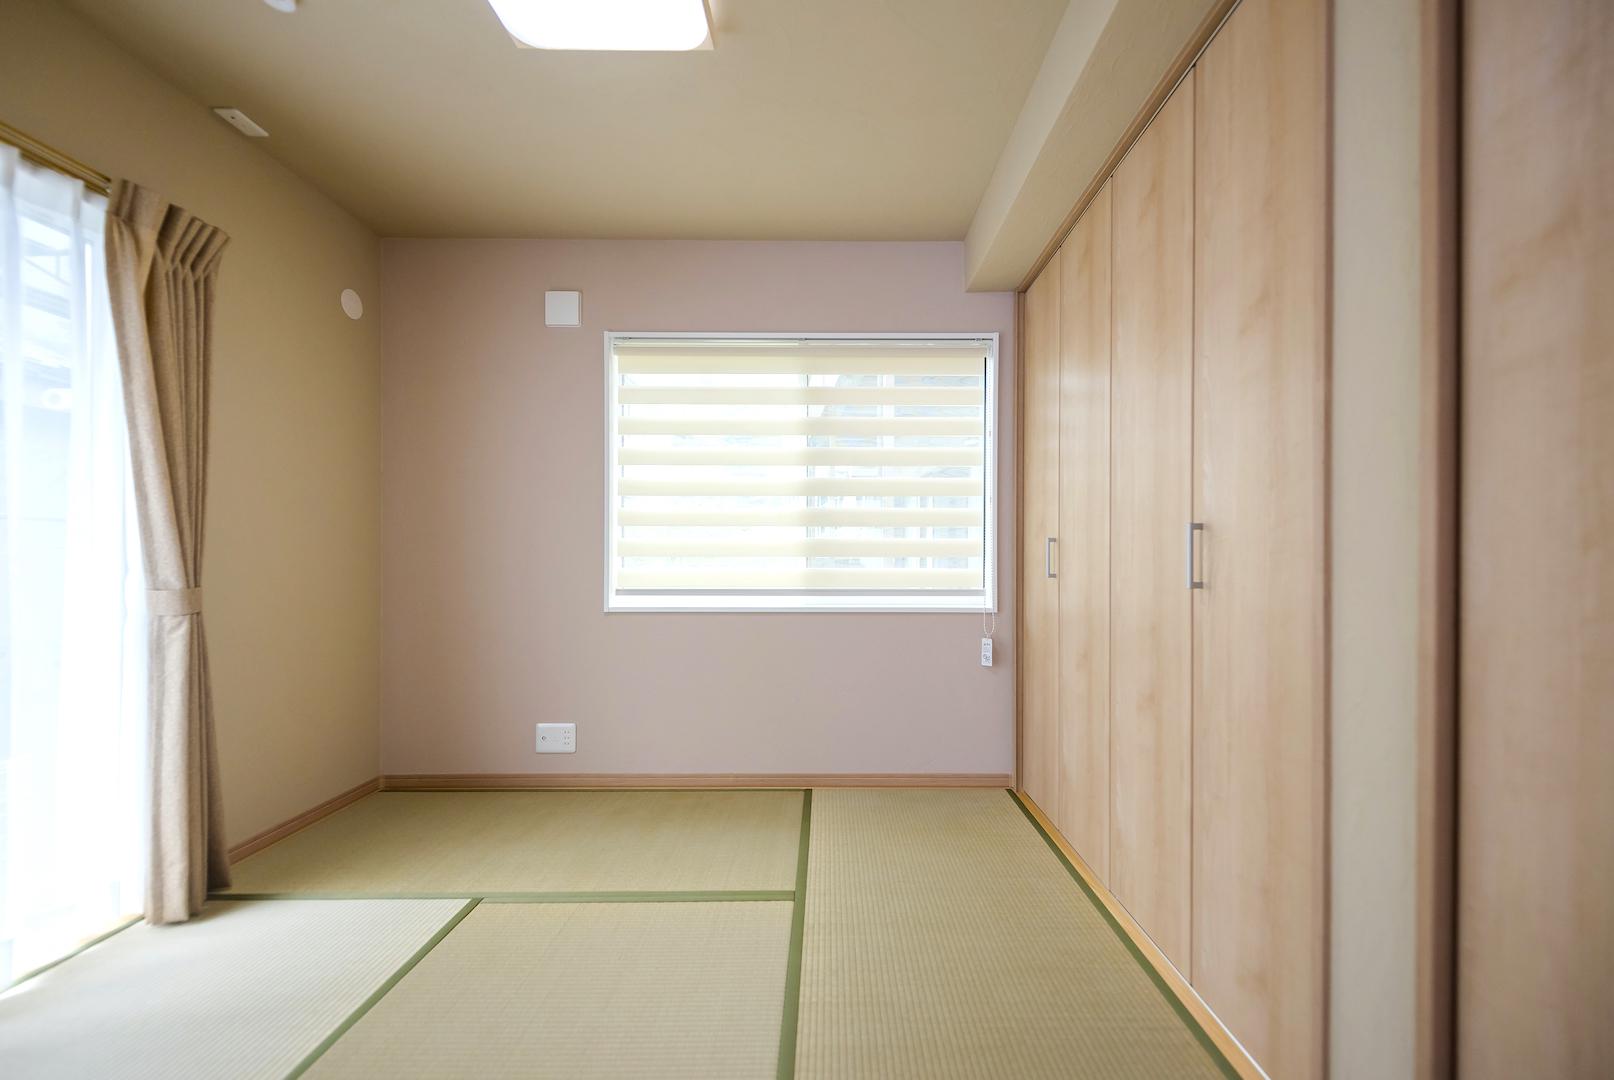 Art Wood Home (永建)【省エネ、収納力、インテリア】色の違いが楽しい和室。同じ珪藻土でも異なった表情を出せる